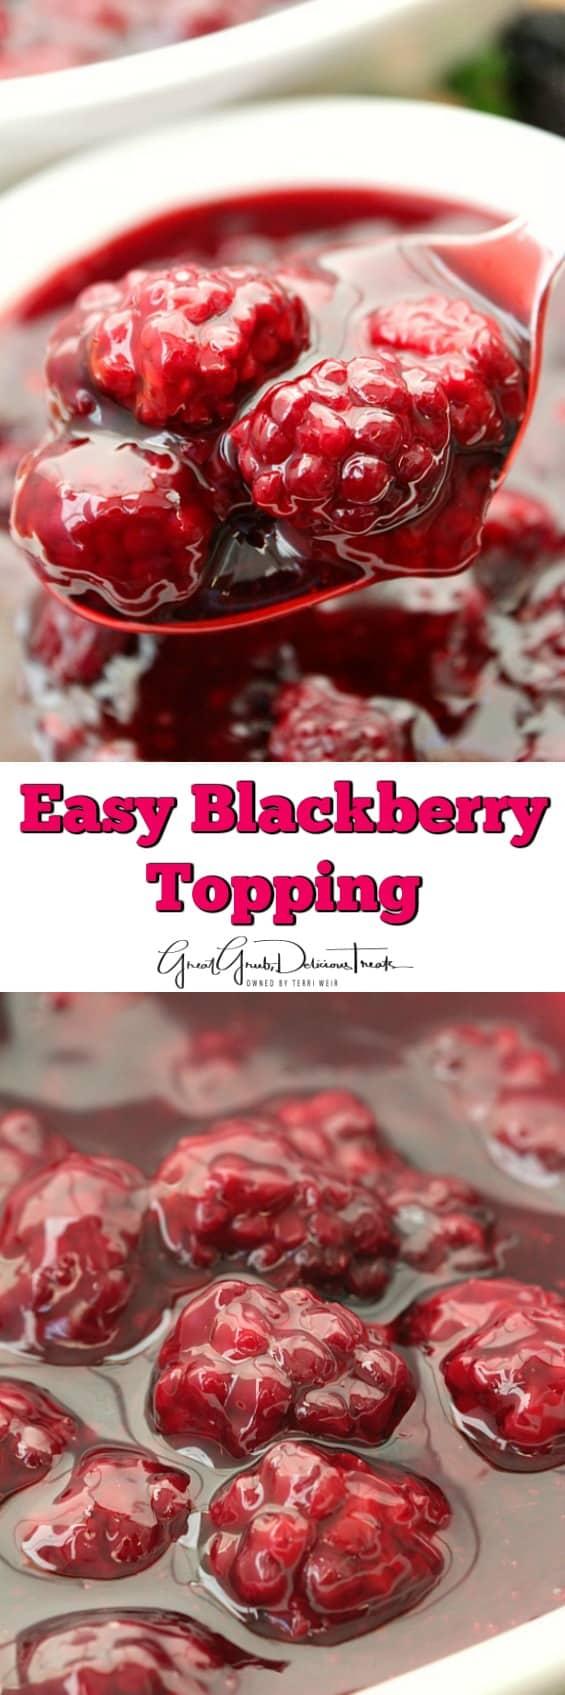 Easy Blackberry Topping